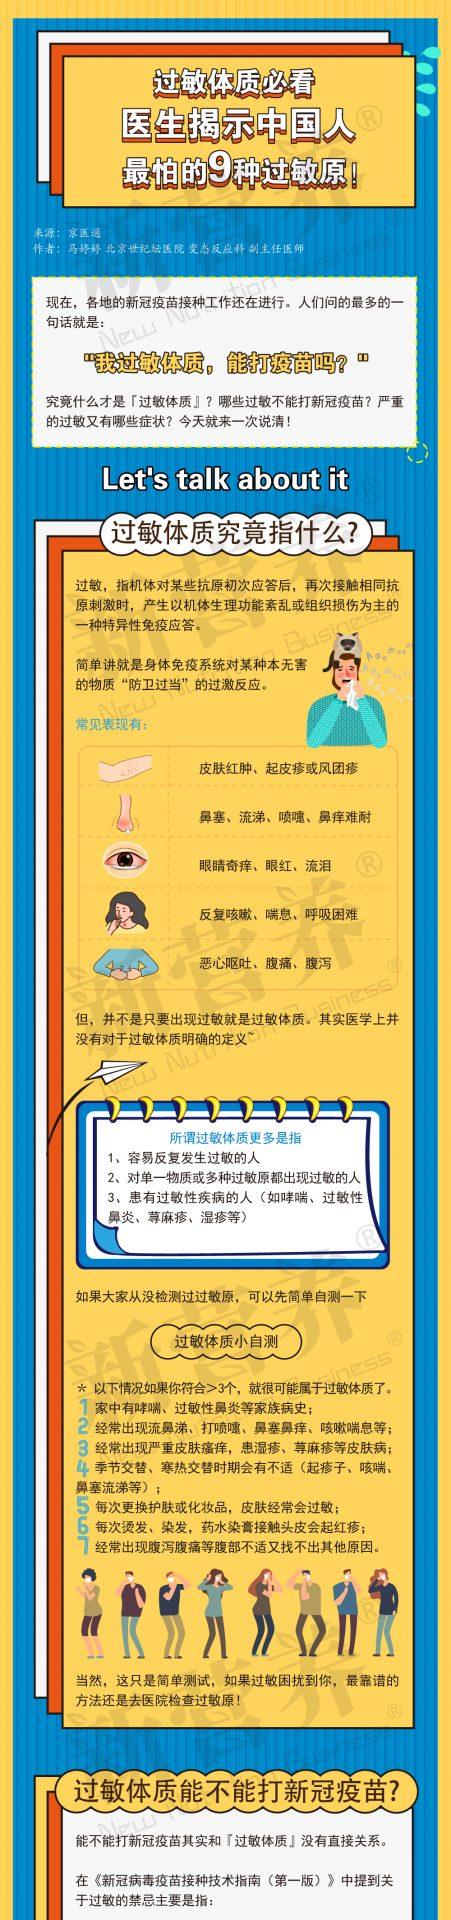 一图读懂   过敏体质必看 医生揭示中国人最怕的9种过敏原!